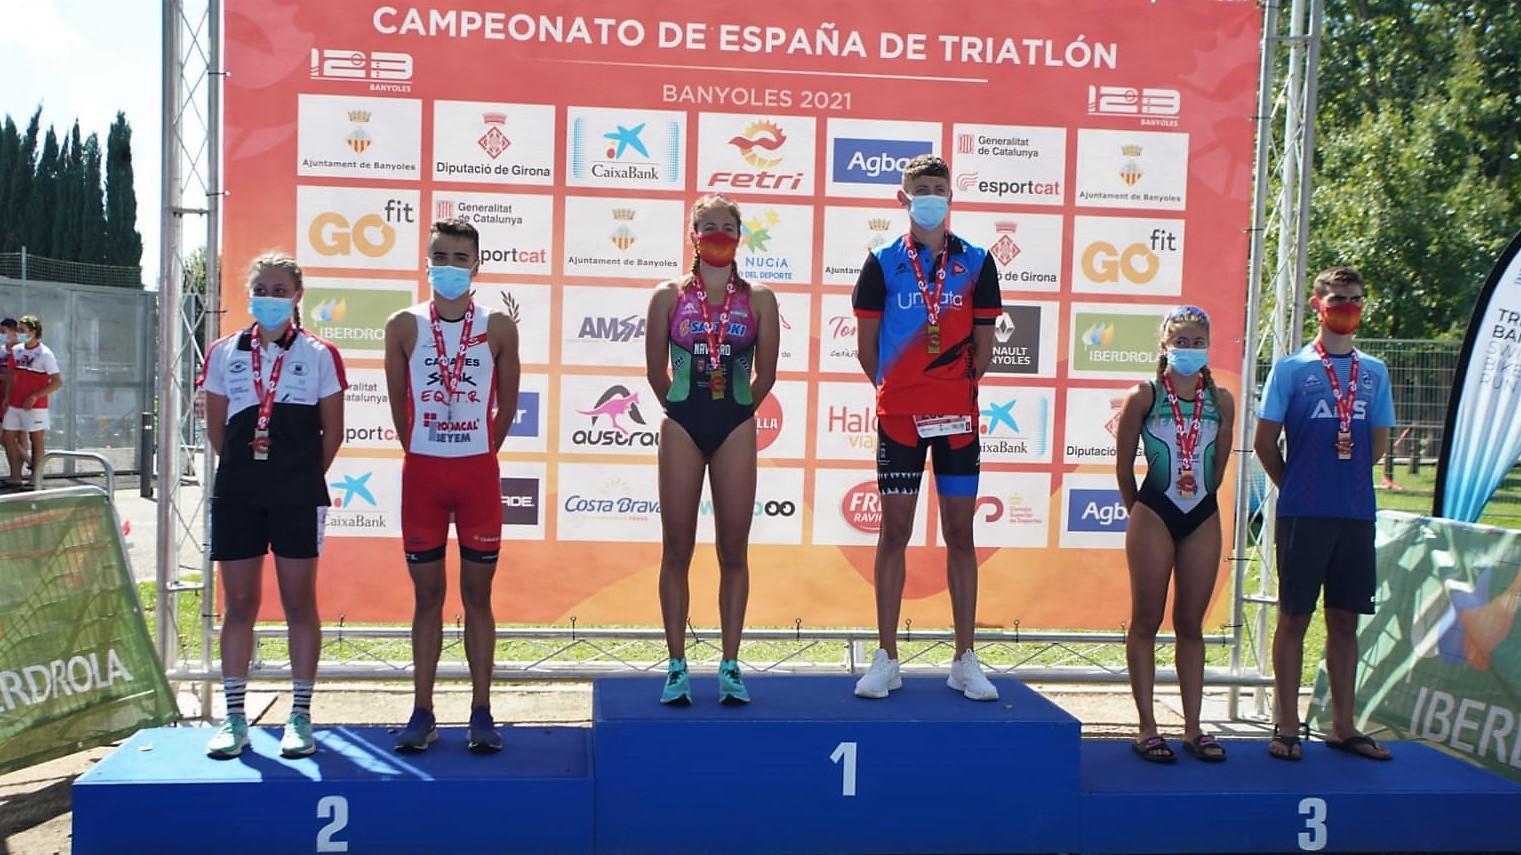 Los Campeonatos de España Juvenil y Junior inauguran el fin de semana de triatlón en Banyoles